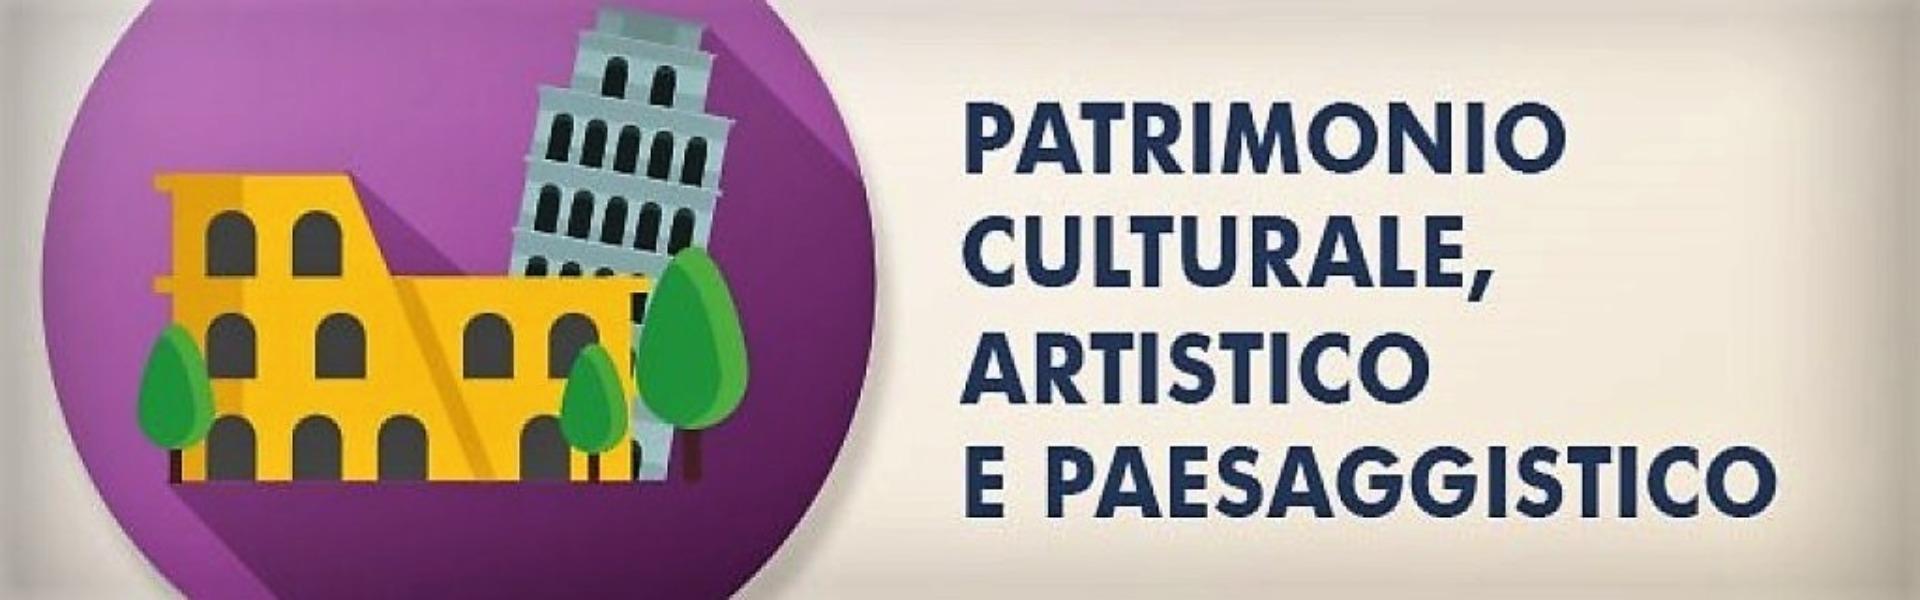 Patrimonio culturale artistico e paesaggistico